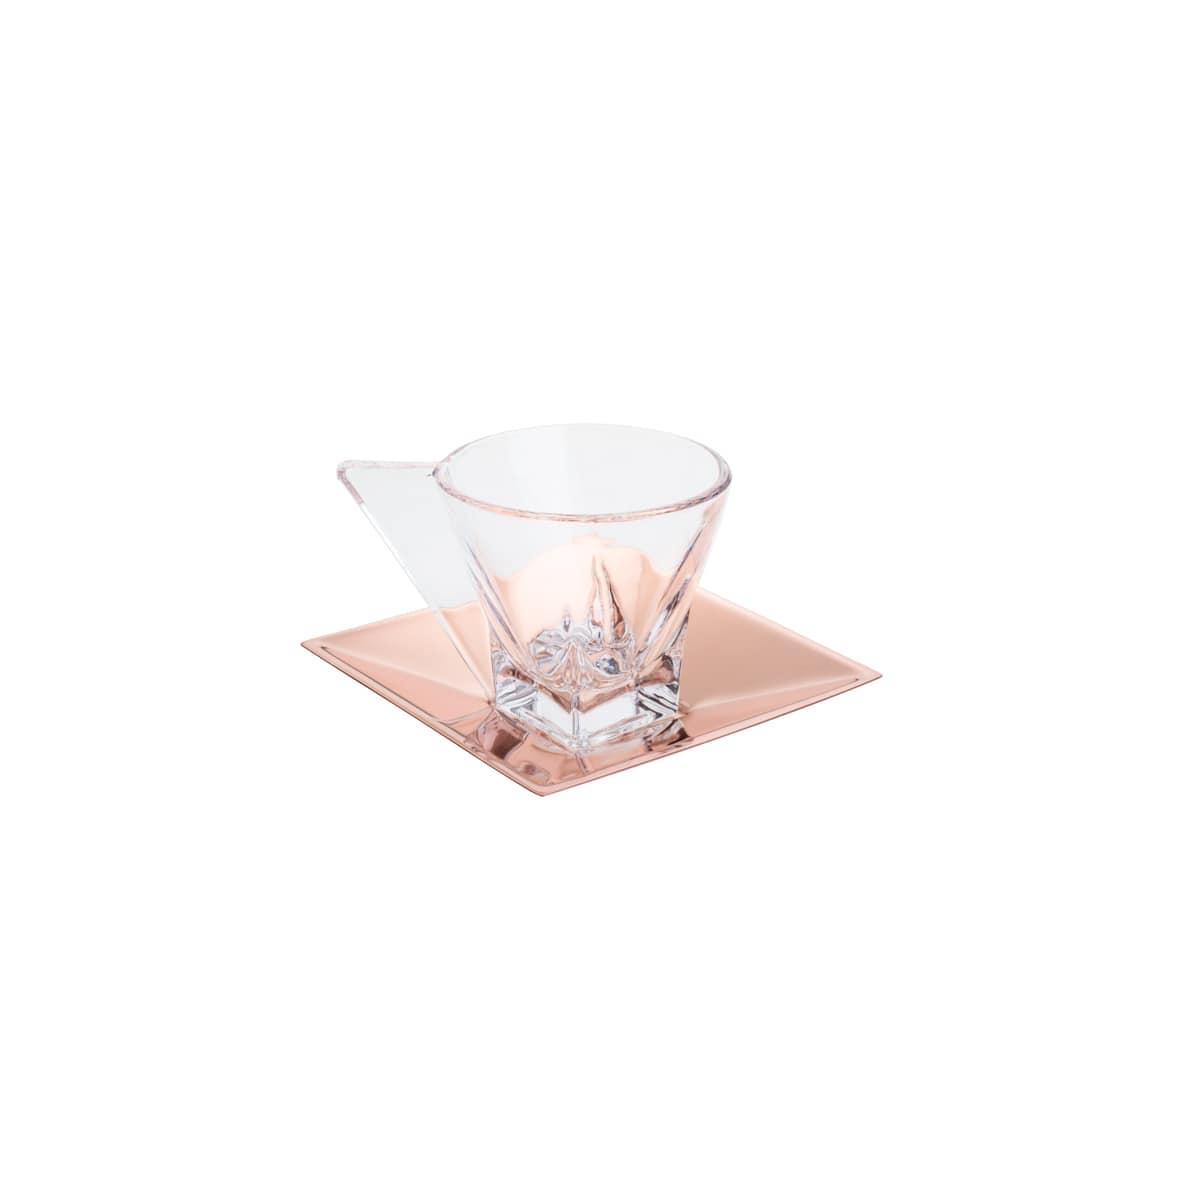 Cj 6 Xícaras de Vidro p/ café c/ pires Rose Gold 70 ml